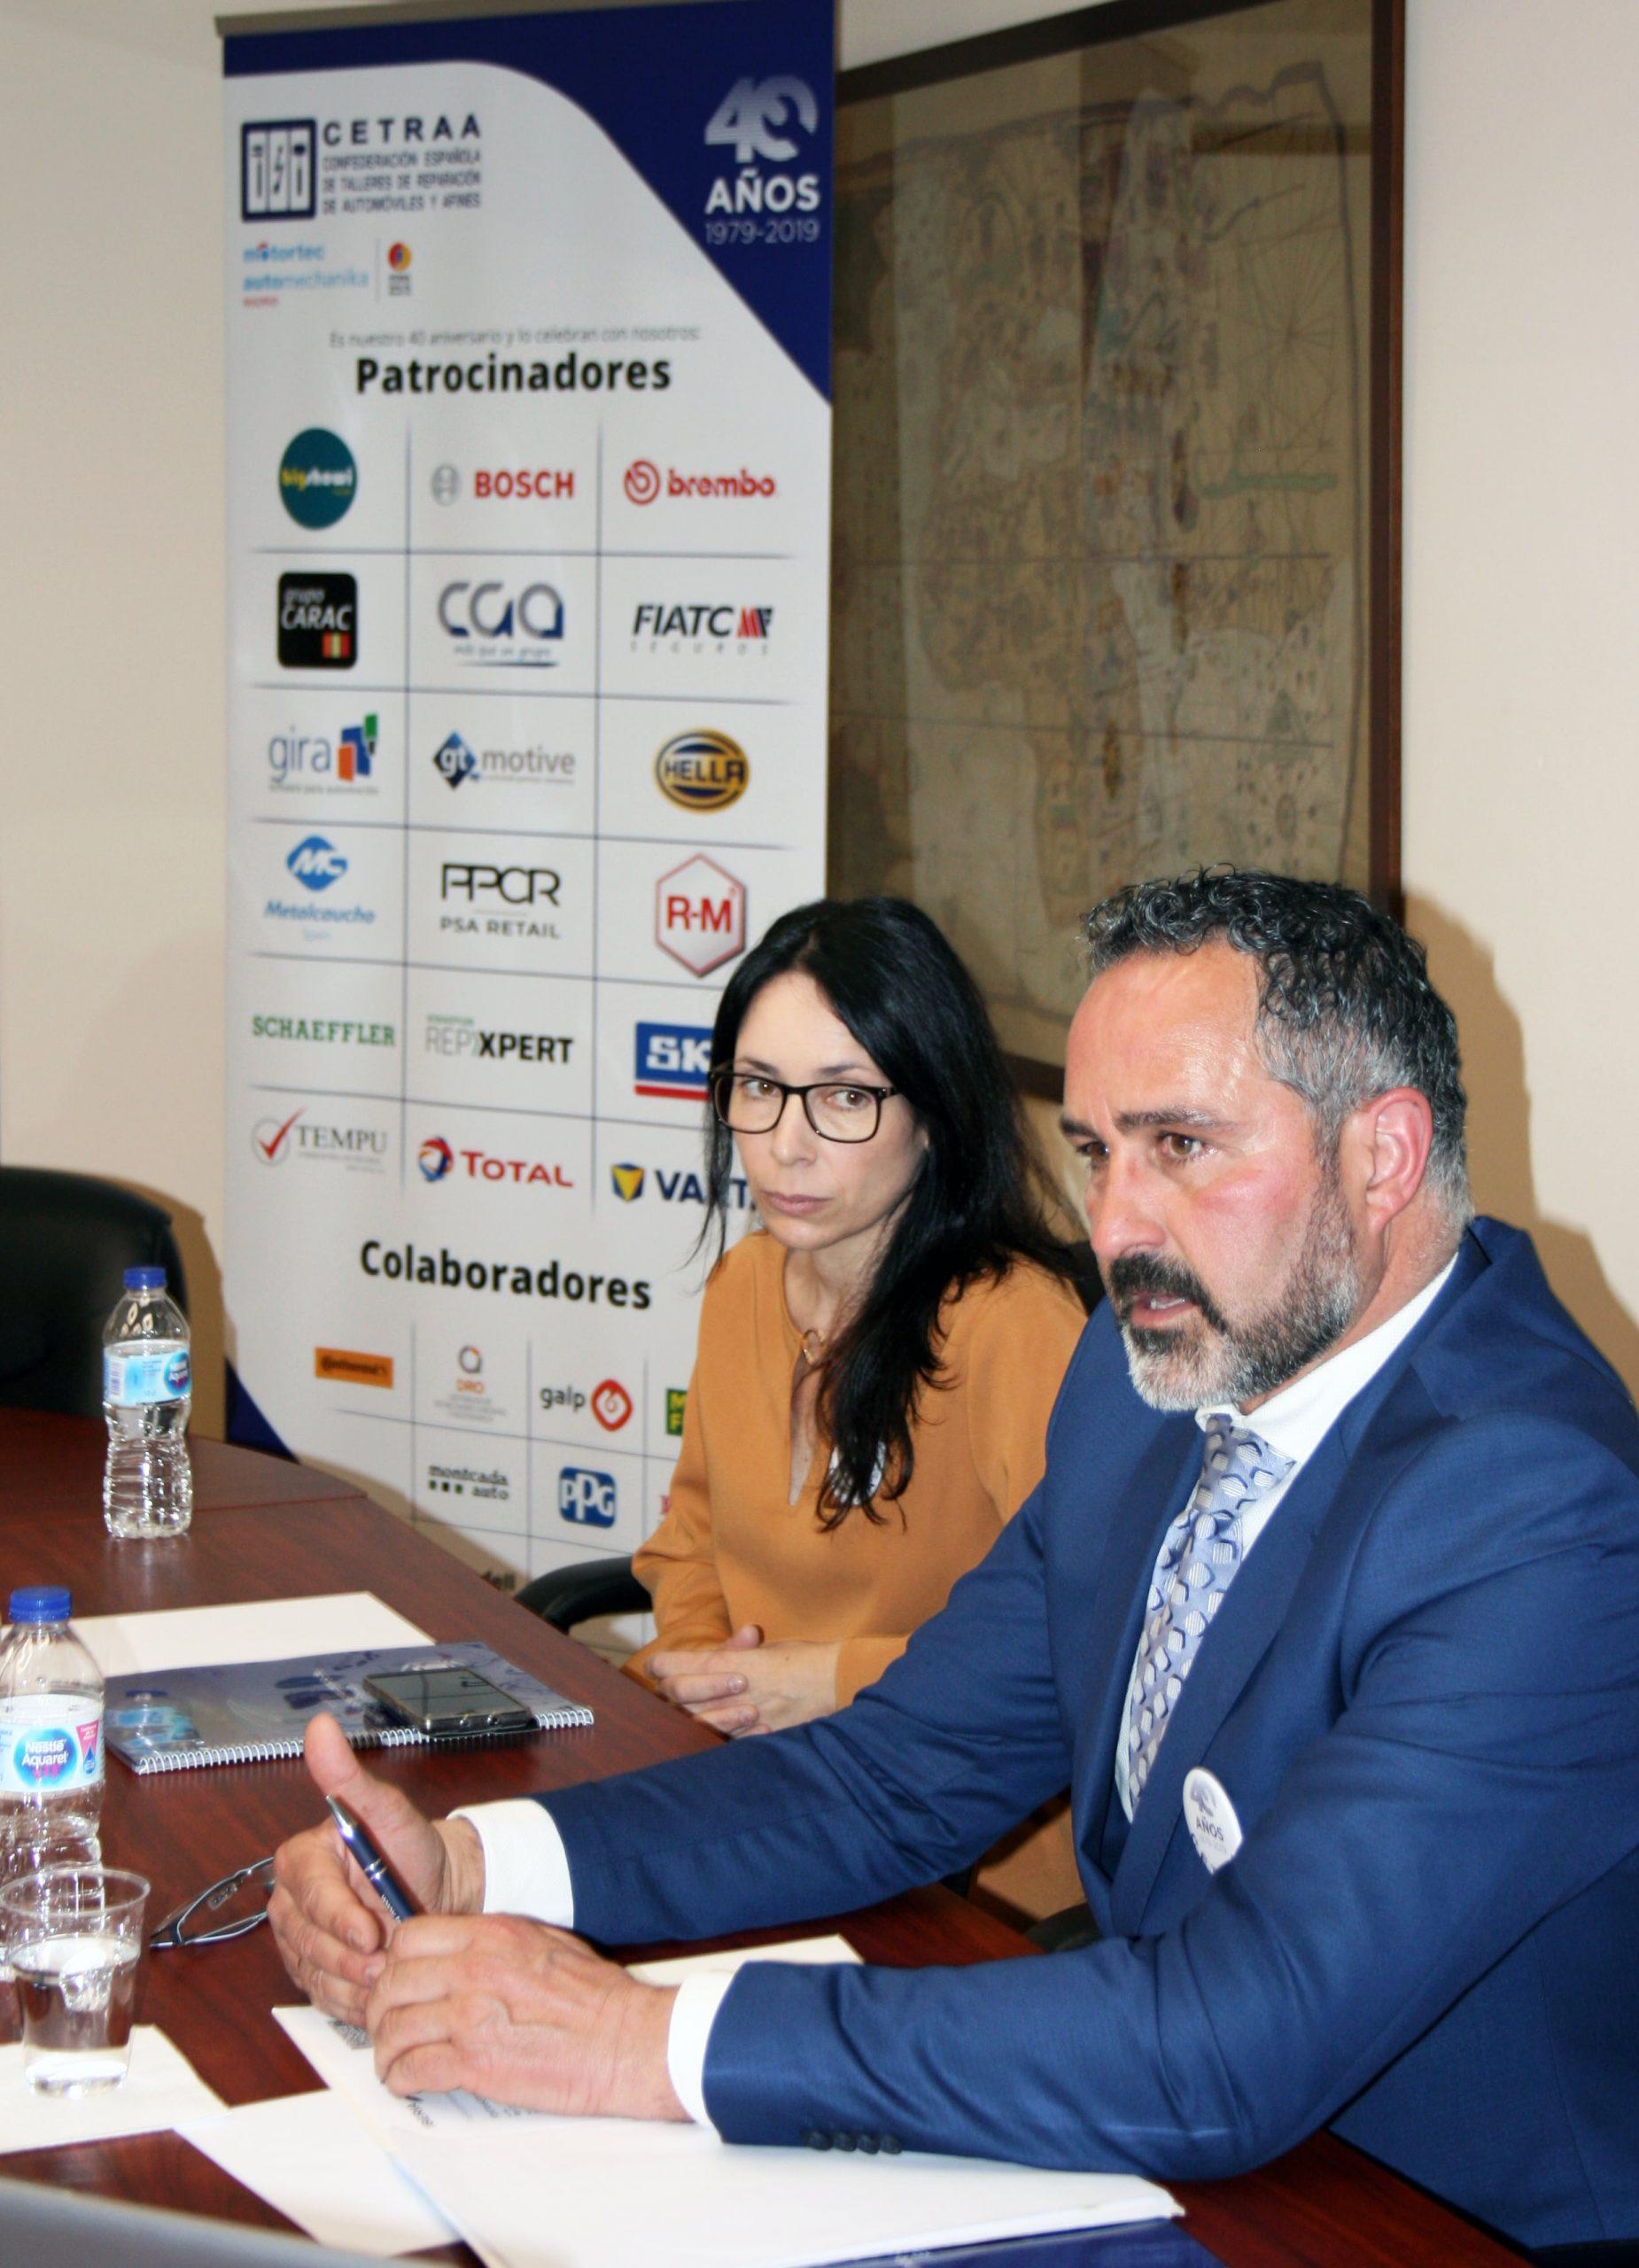 Enrique Fontán valora su segundo año como presidente de CETRAA